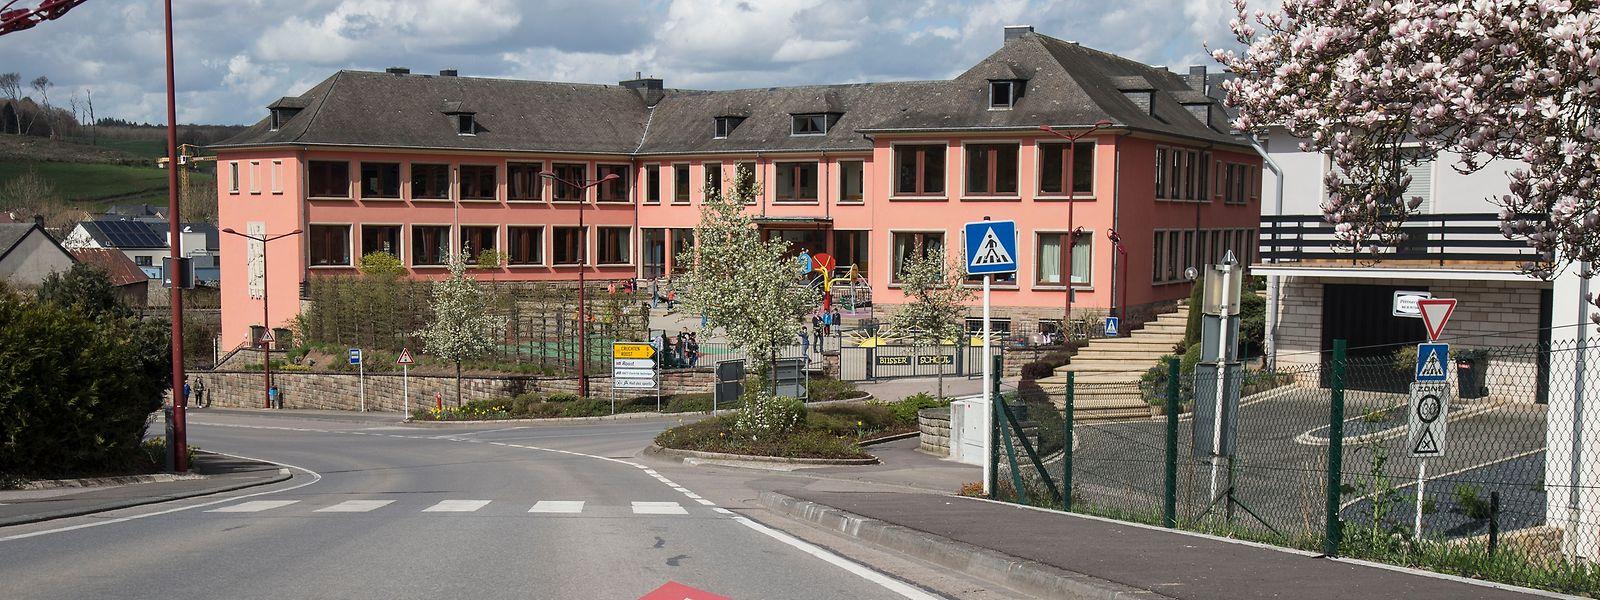 Der Lehrer unterrichtete in der Grundschule von Bissen, wurde jedoch aufgrund der Vorwürfe im Januar 2016 vom Dienst suspendiert.